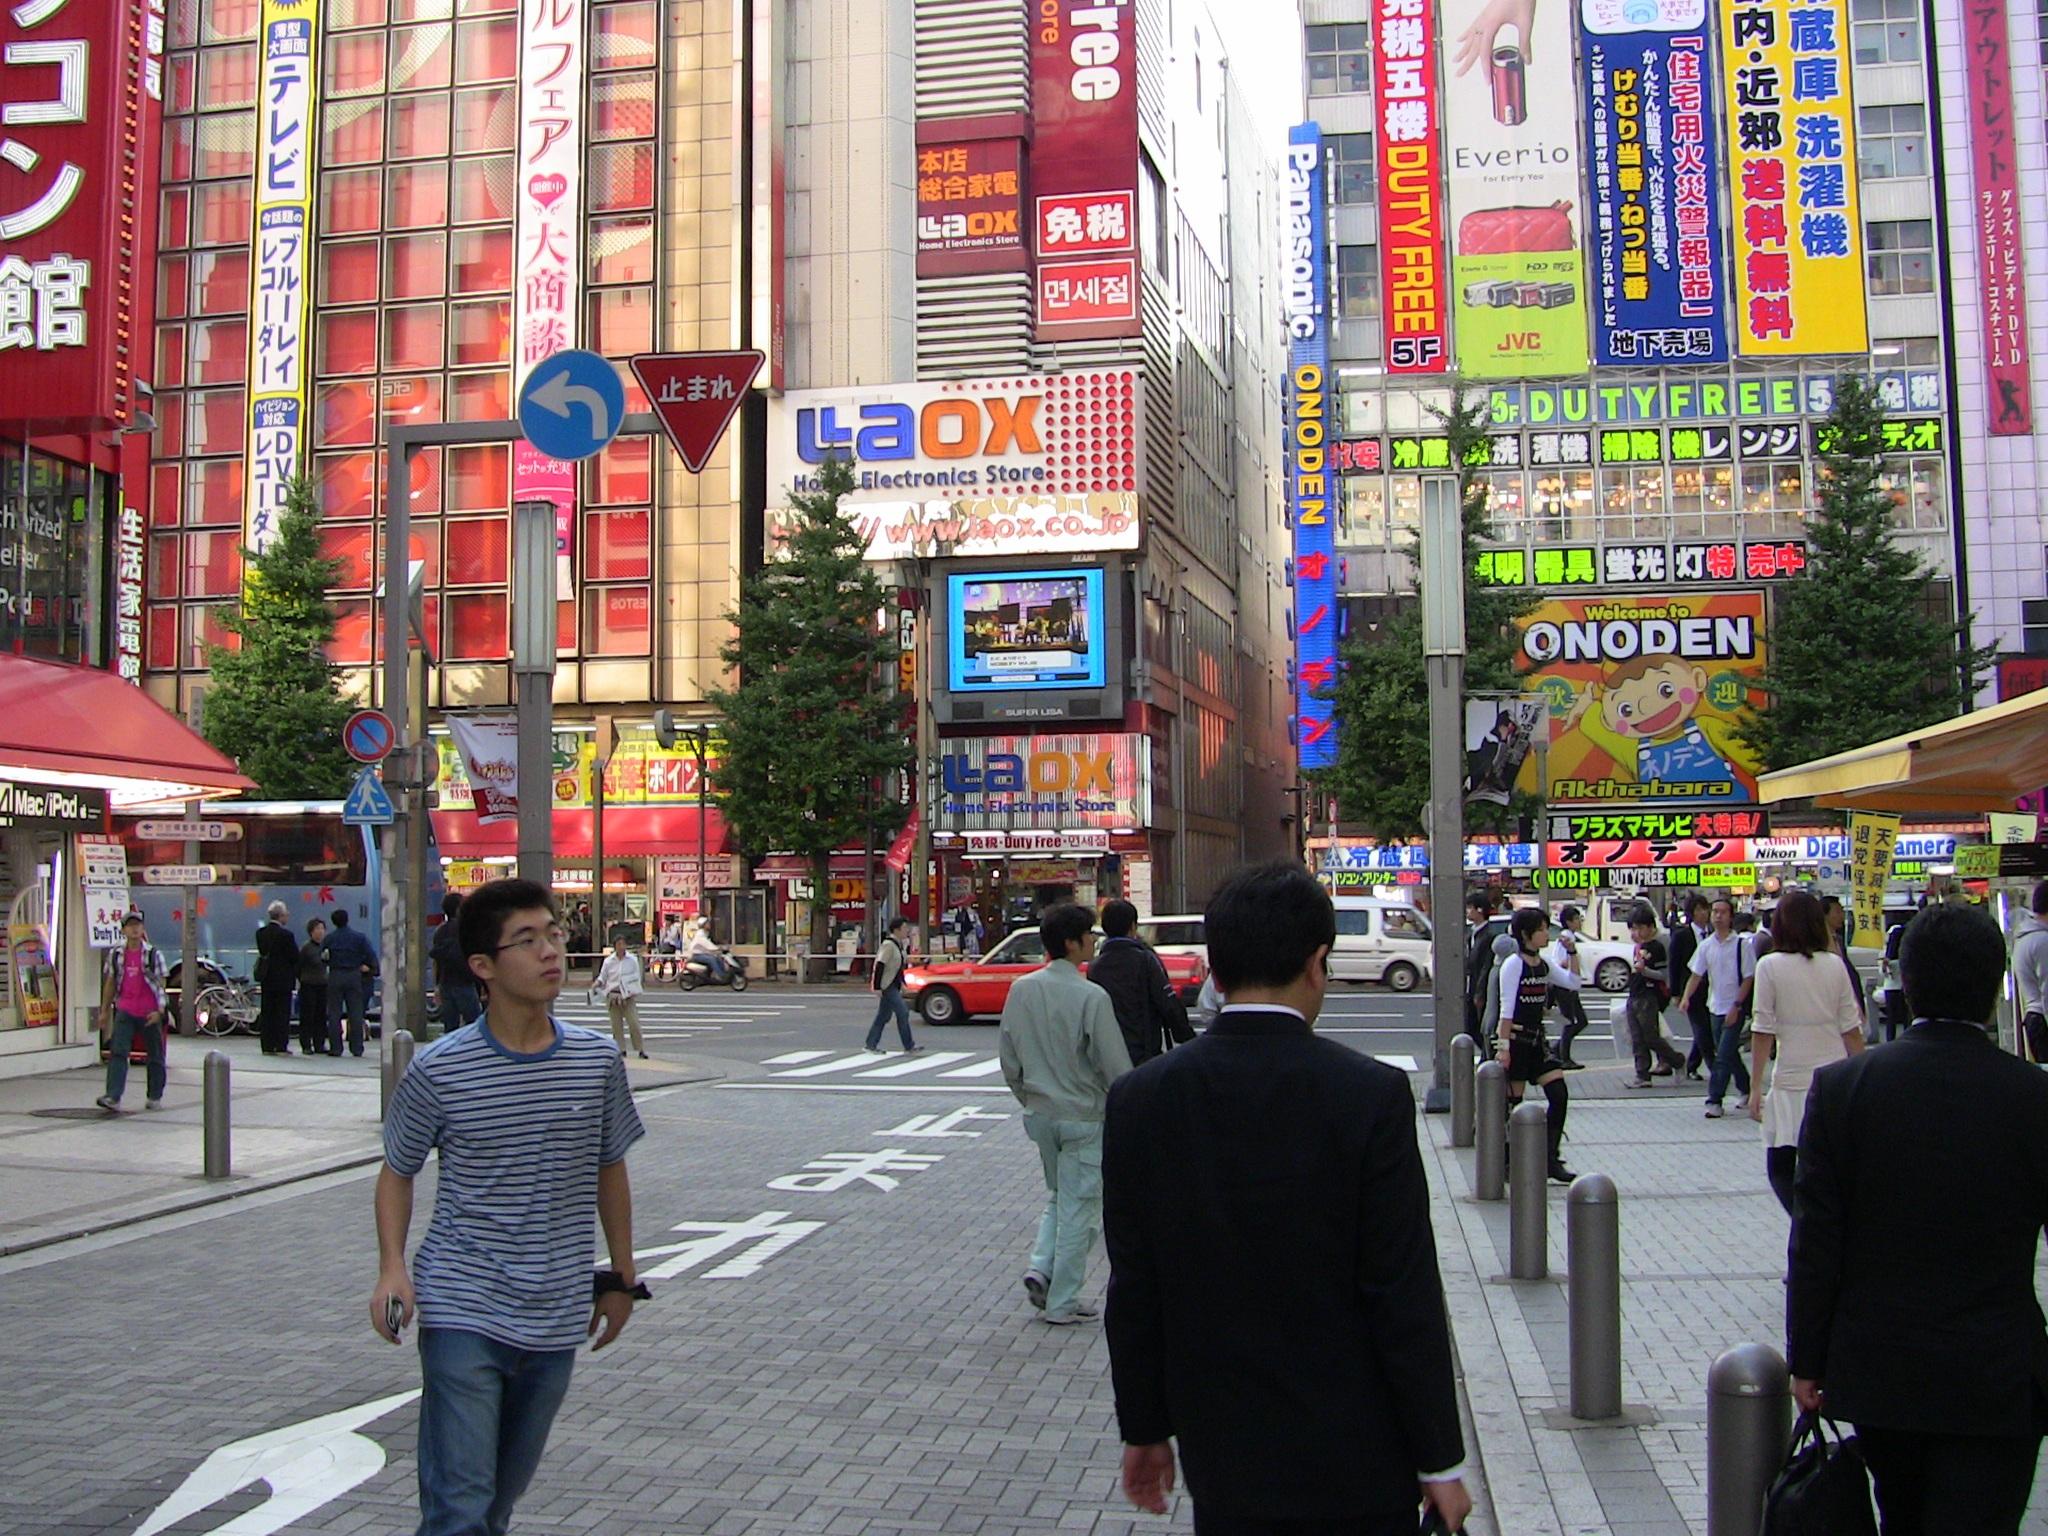 Αποτέλεσμα εικόνας για Tokyo, Japan